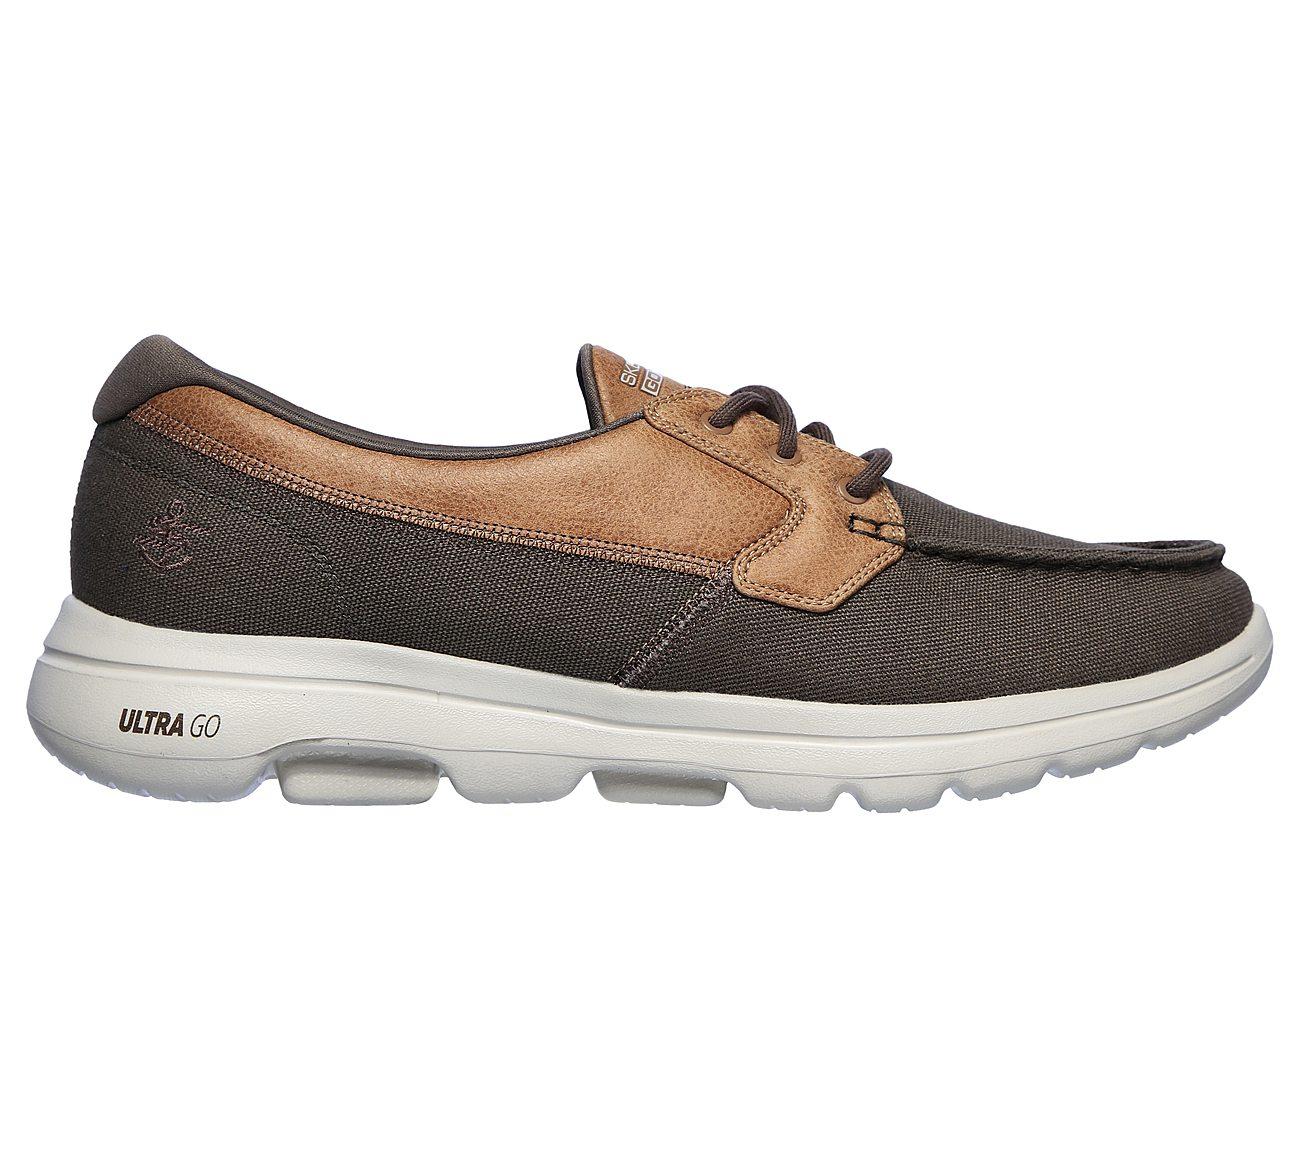 Buy Skechers Skechers Gowalk 5 Krane Skechers Performance Shoes